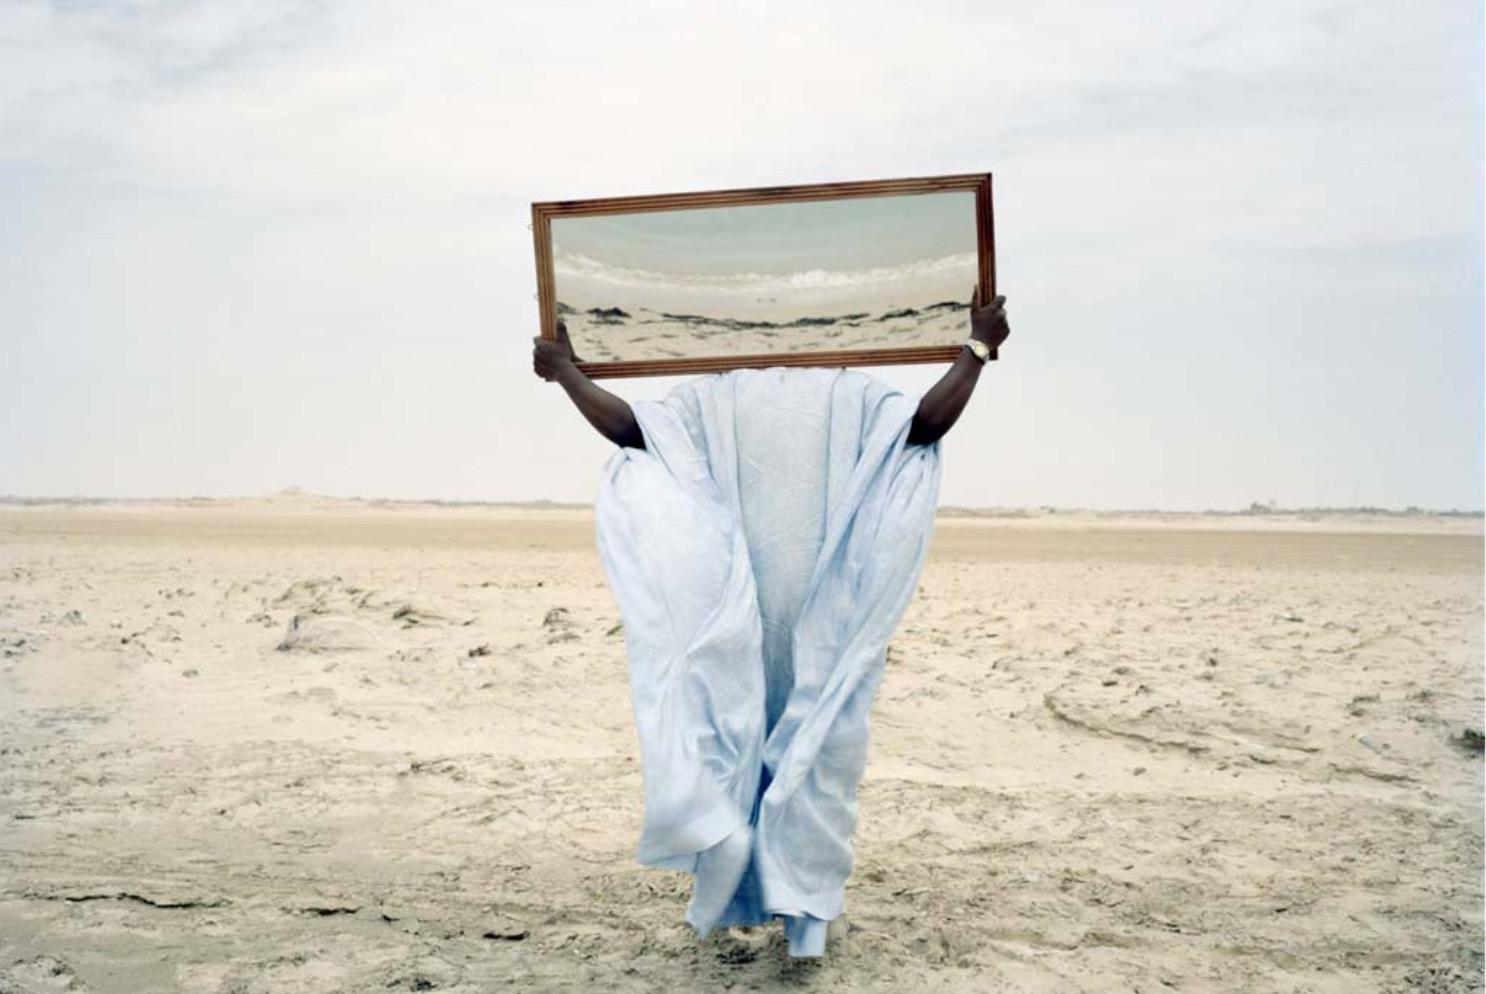 L'image de cette édition 2017 du festival est l'adaptation d'un cliché du photographe érythréen Dawit L. Petros. Il est tiré de la série Stranger's Notebook dans laquelle l'auteur joue avec l'élément du miroir, qui remet en question l'étroitesse du regard occidental sur la question de l'immigration africaine.